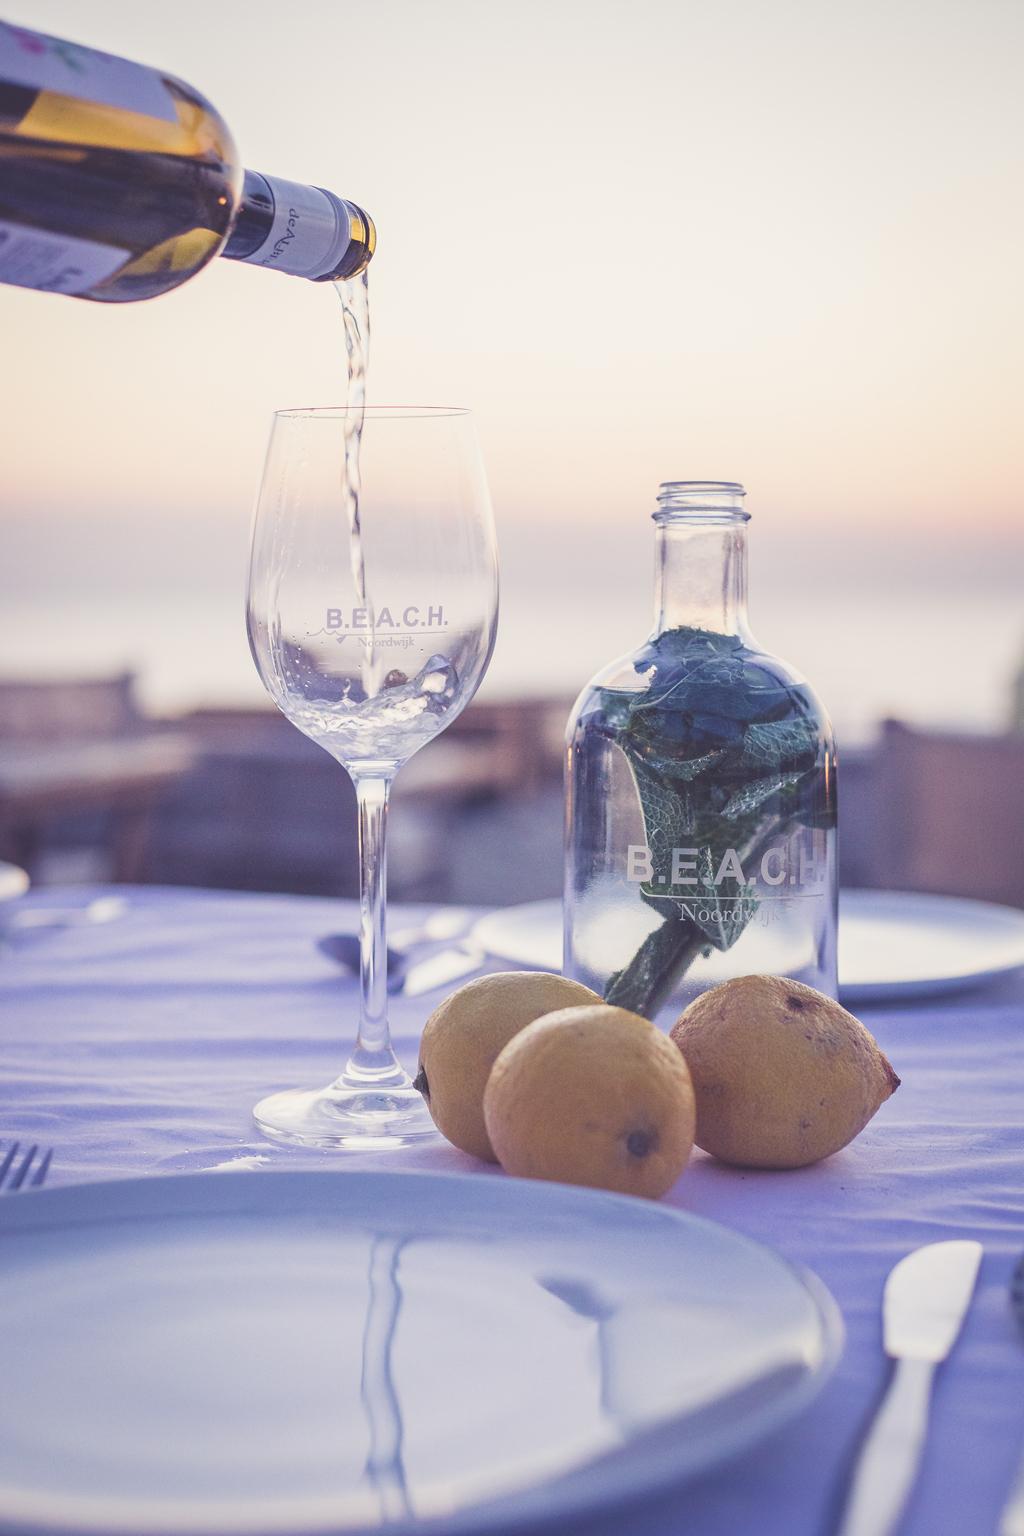 Wijn in schenken BEACH, tijdens een horecafotografie opdracht